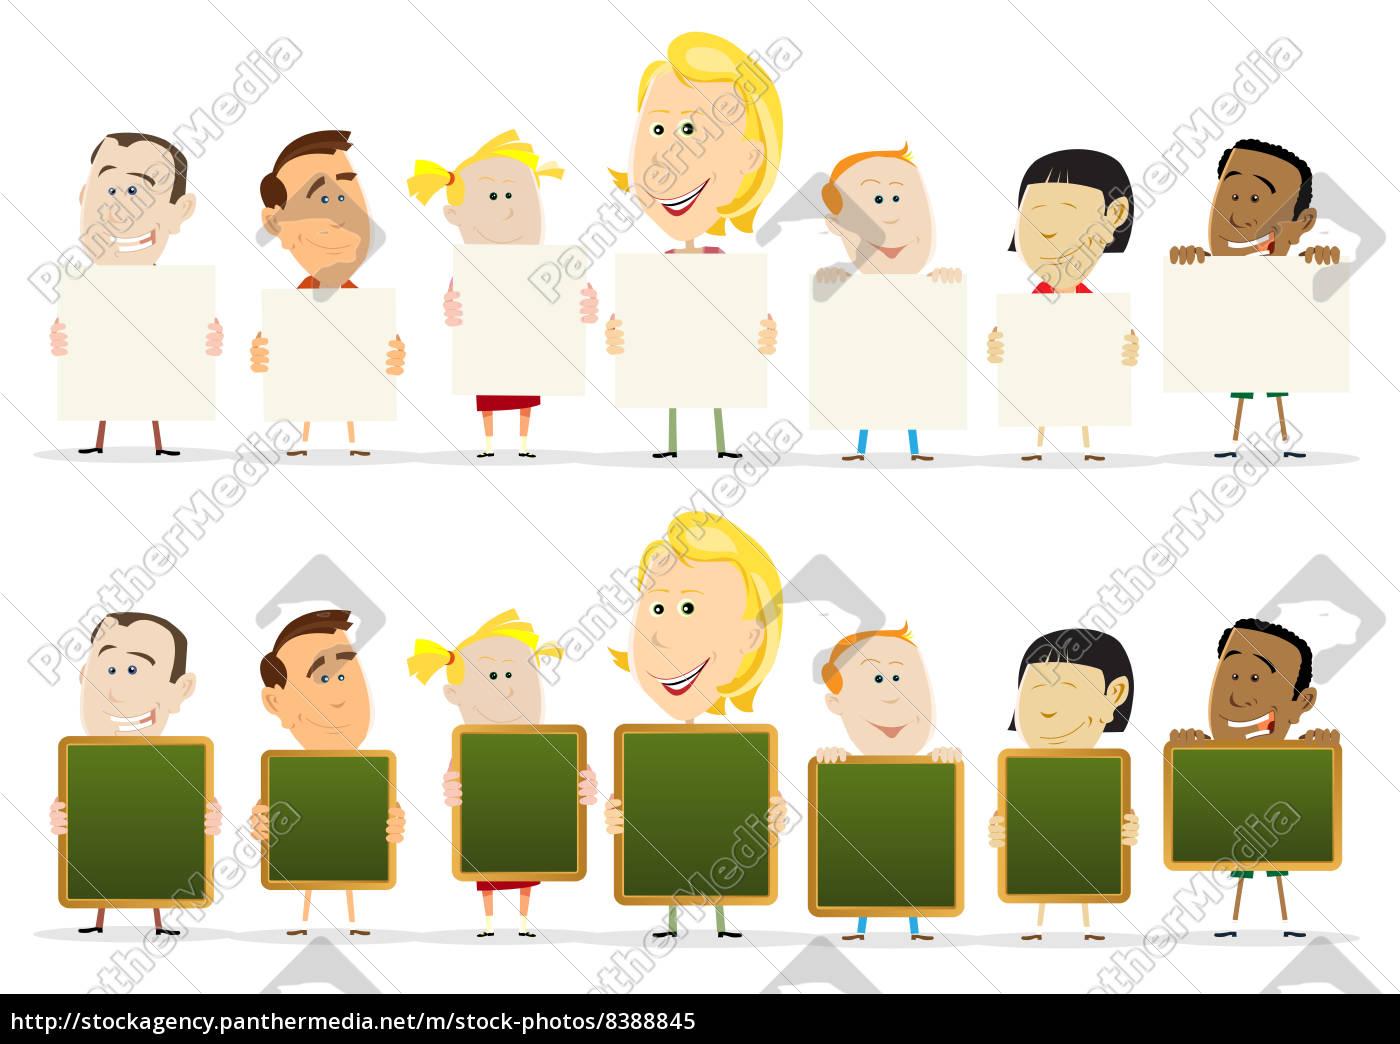 lehrer, frau, mit, kindern, klassenzimmer, holding-zeichen - 8388845